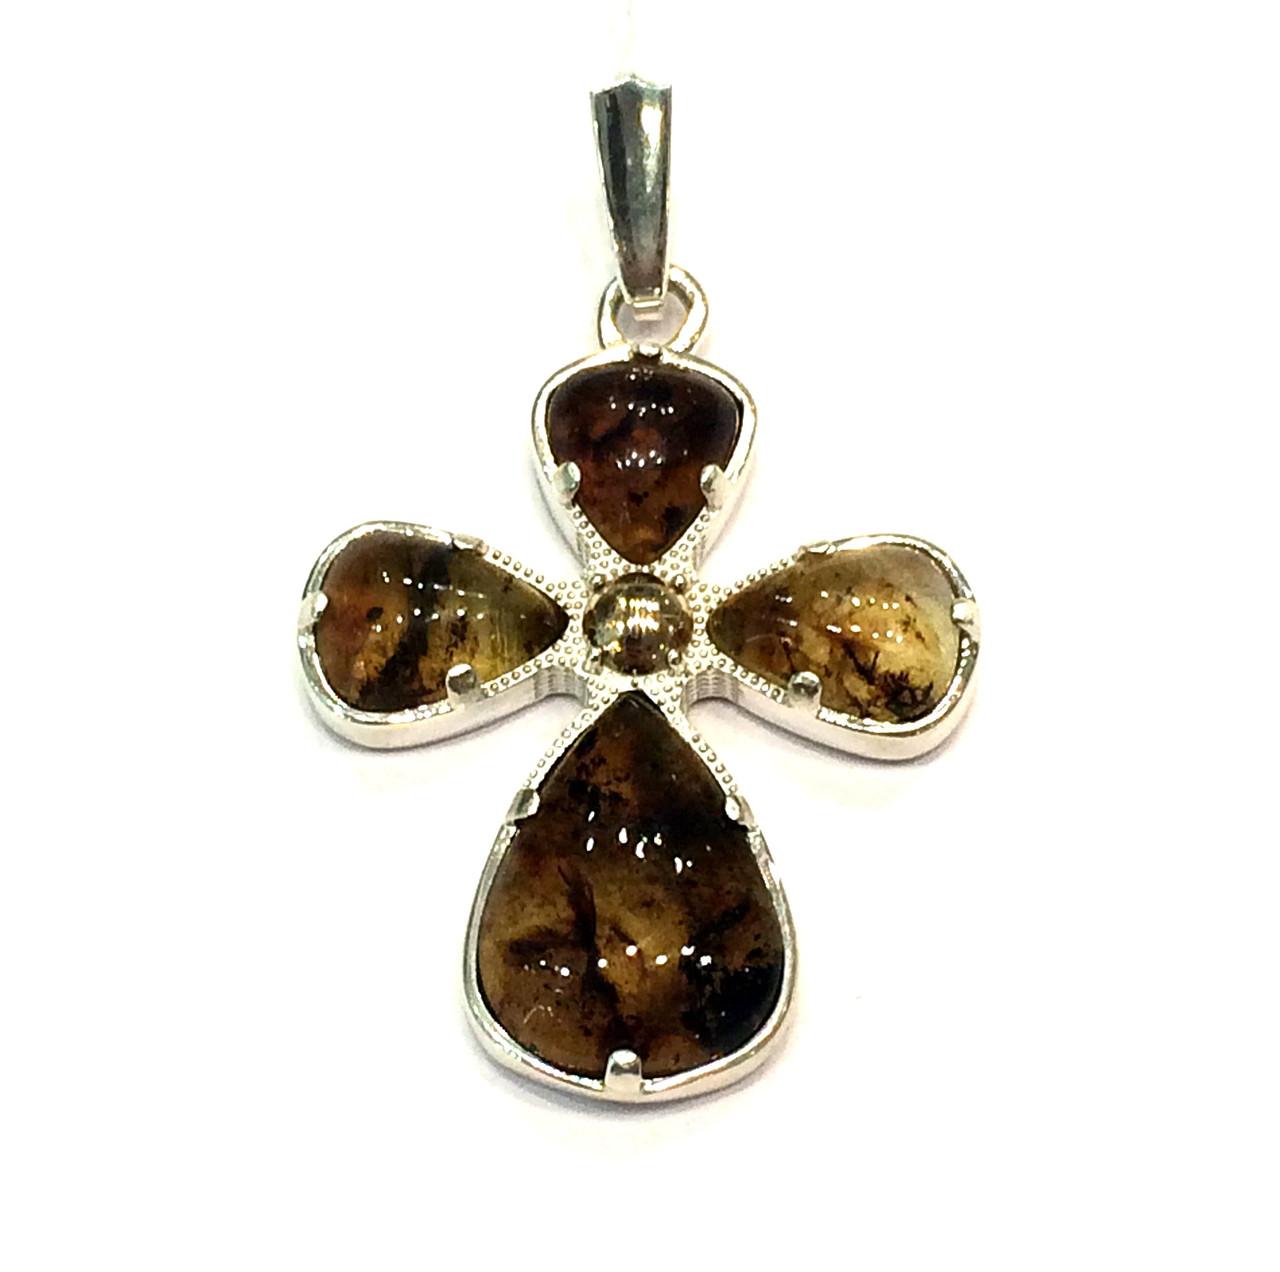 Серебряный декоративный крестик с янтарем